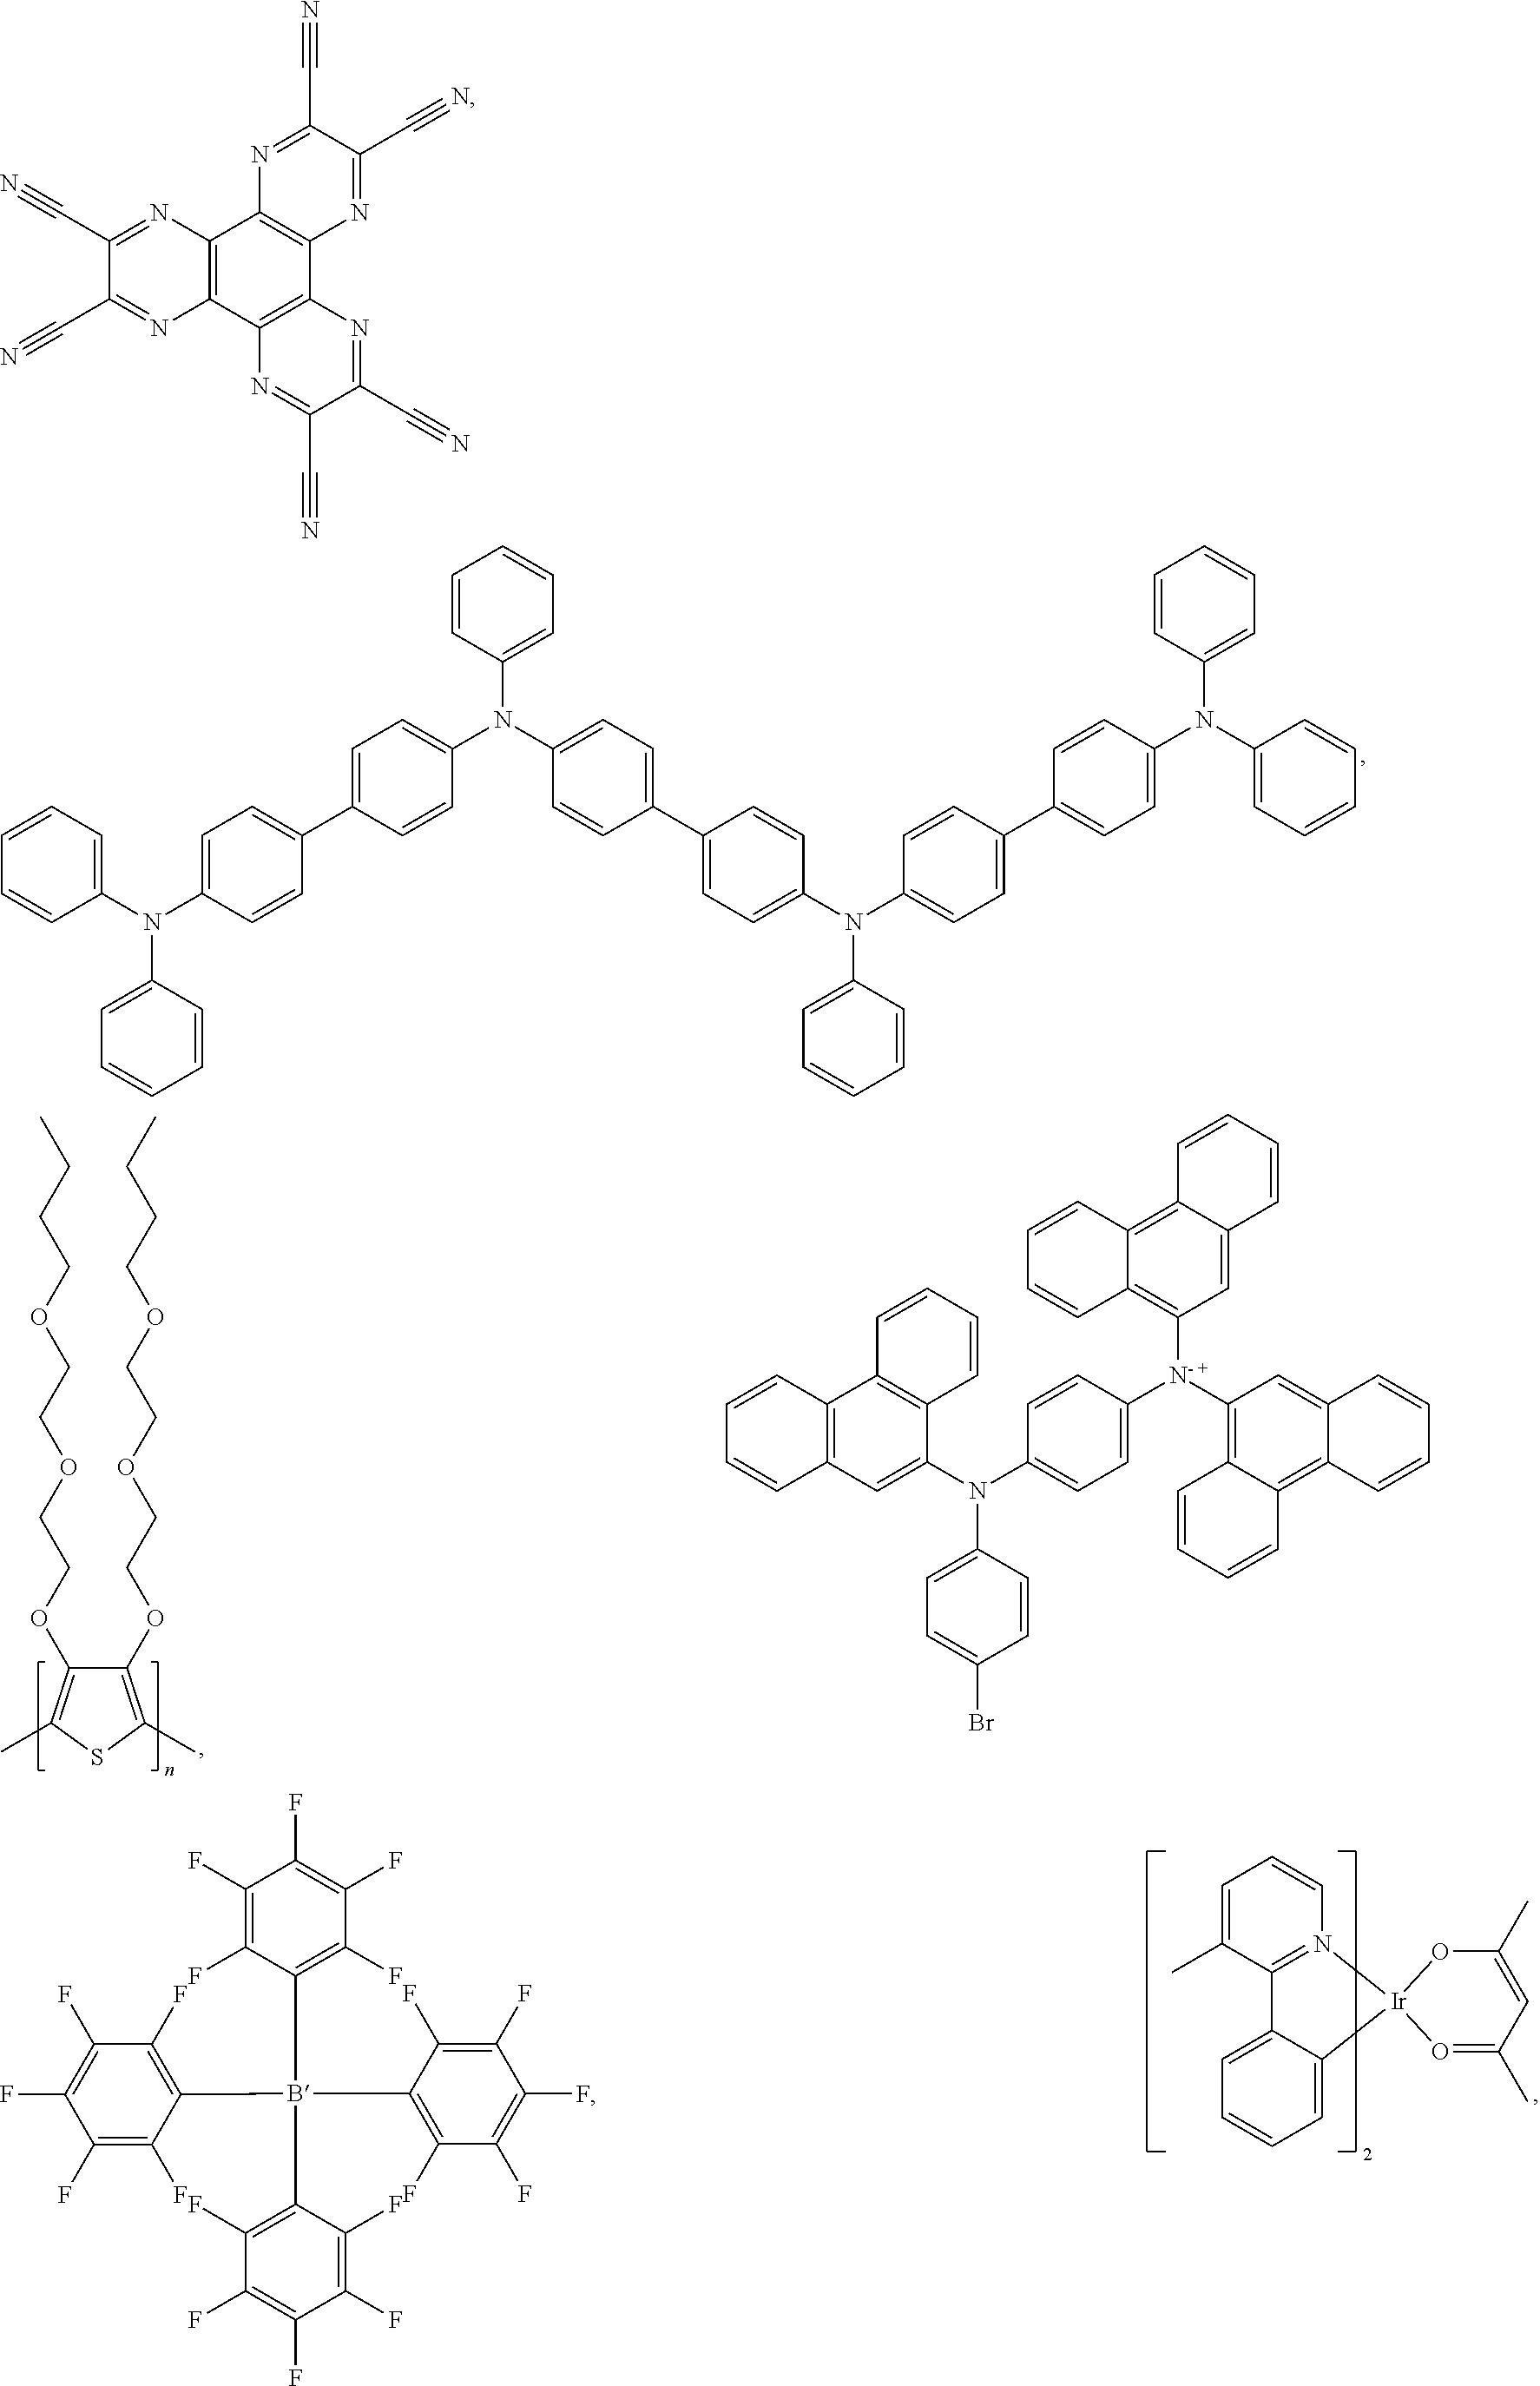 Figure US09978956-20180522-C00049